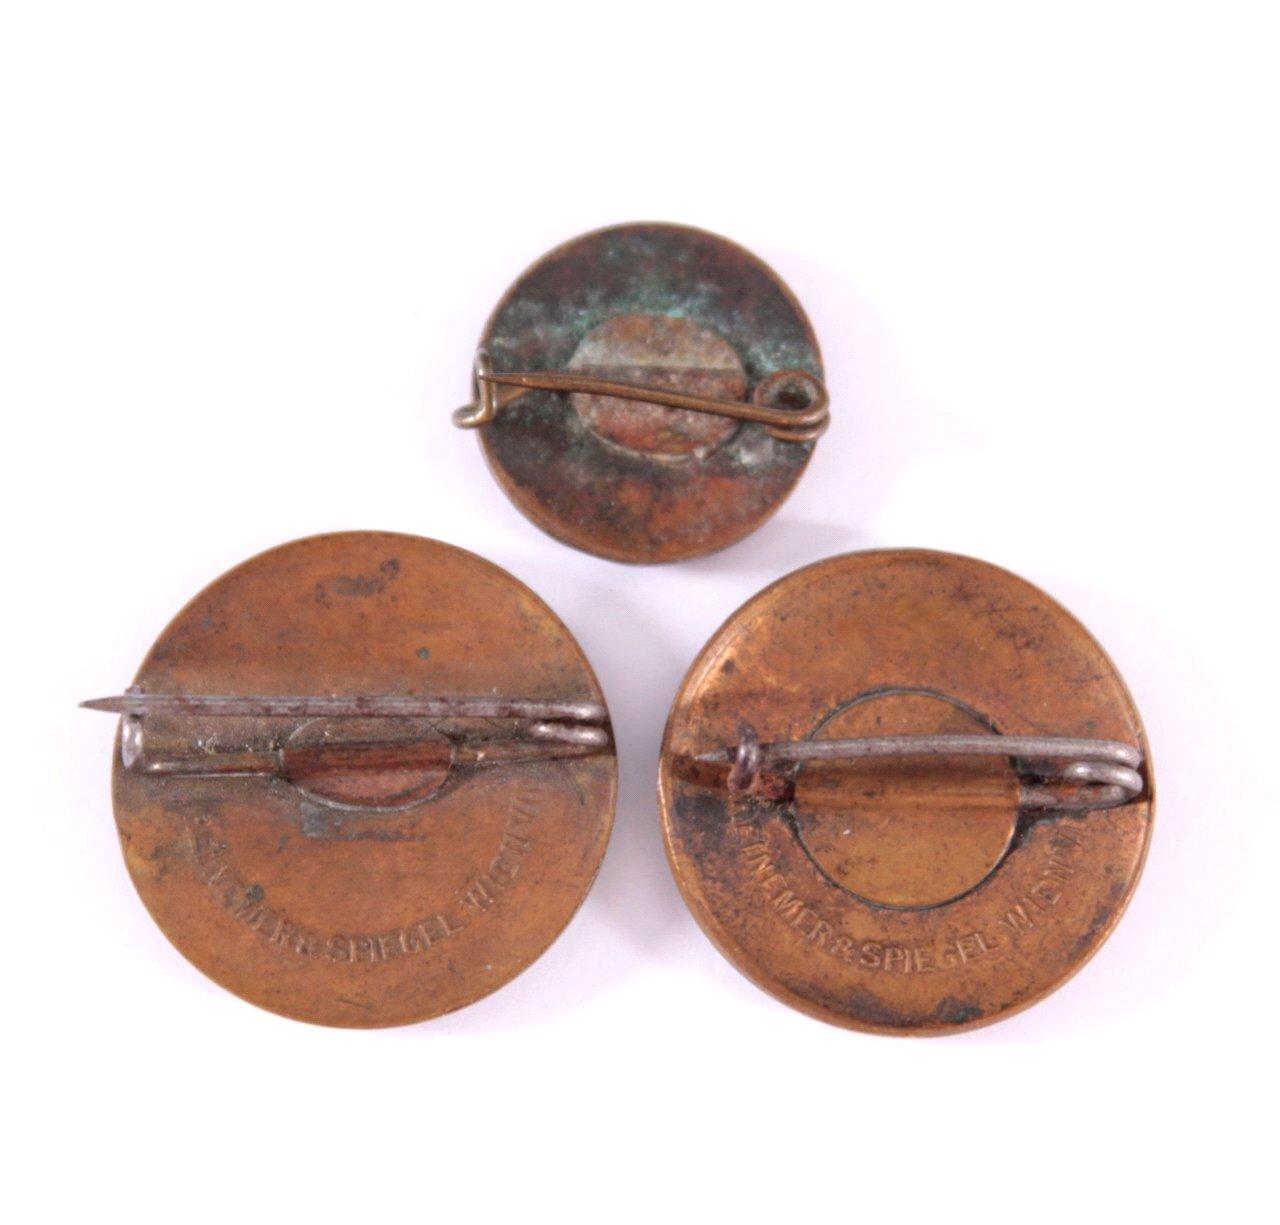 Abzeichen deutscher Organisationen 1871-1945-1